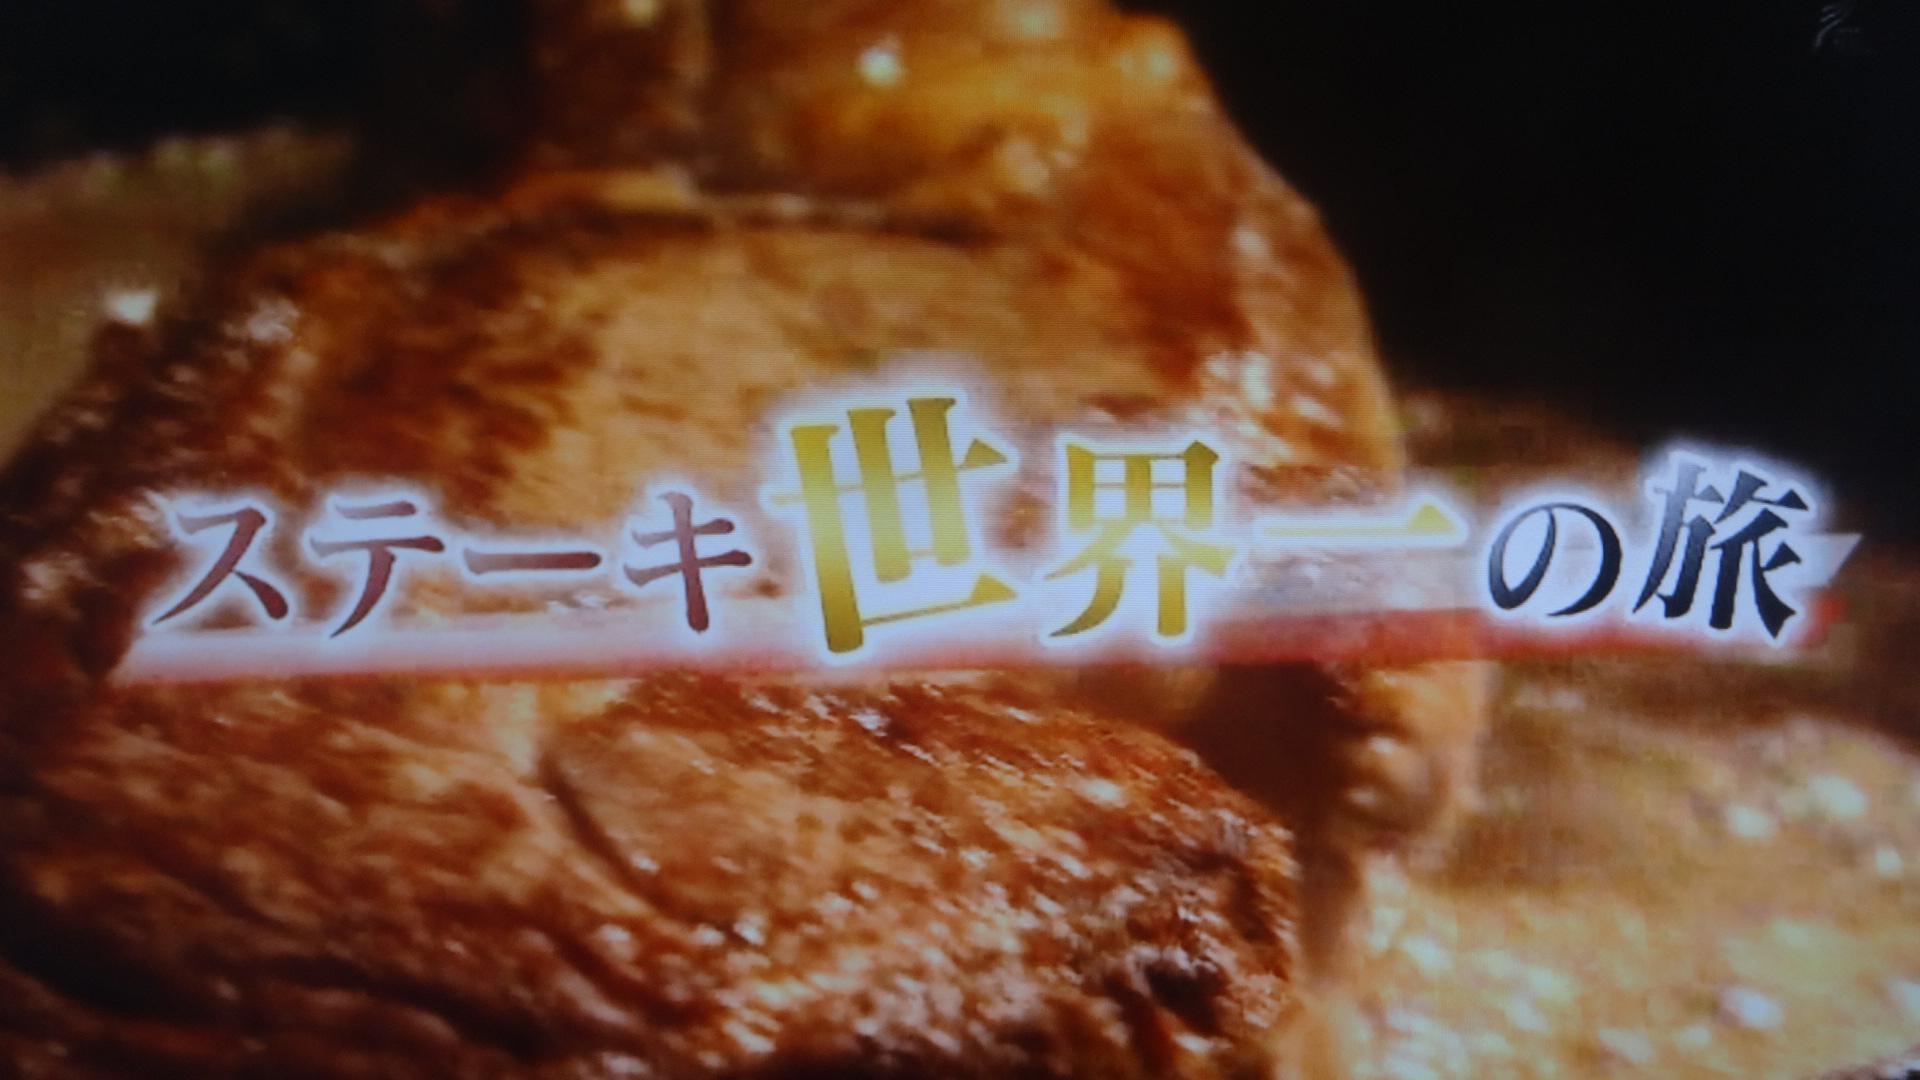 ステーキ 世界一の旅 の画面